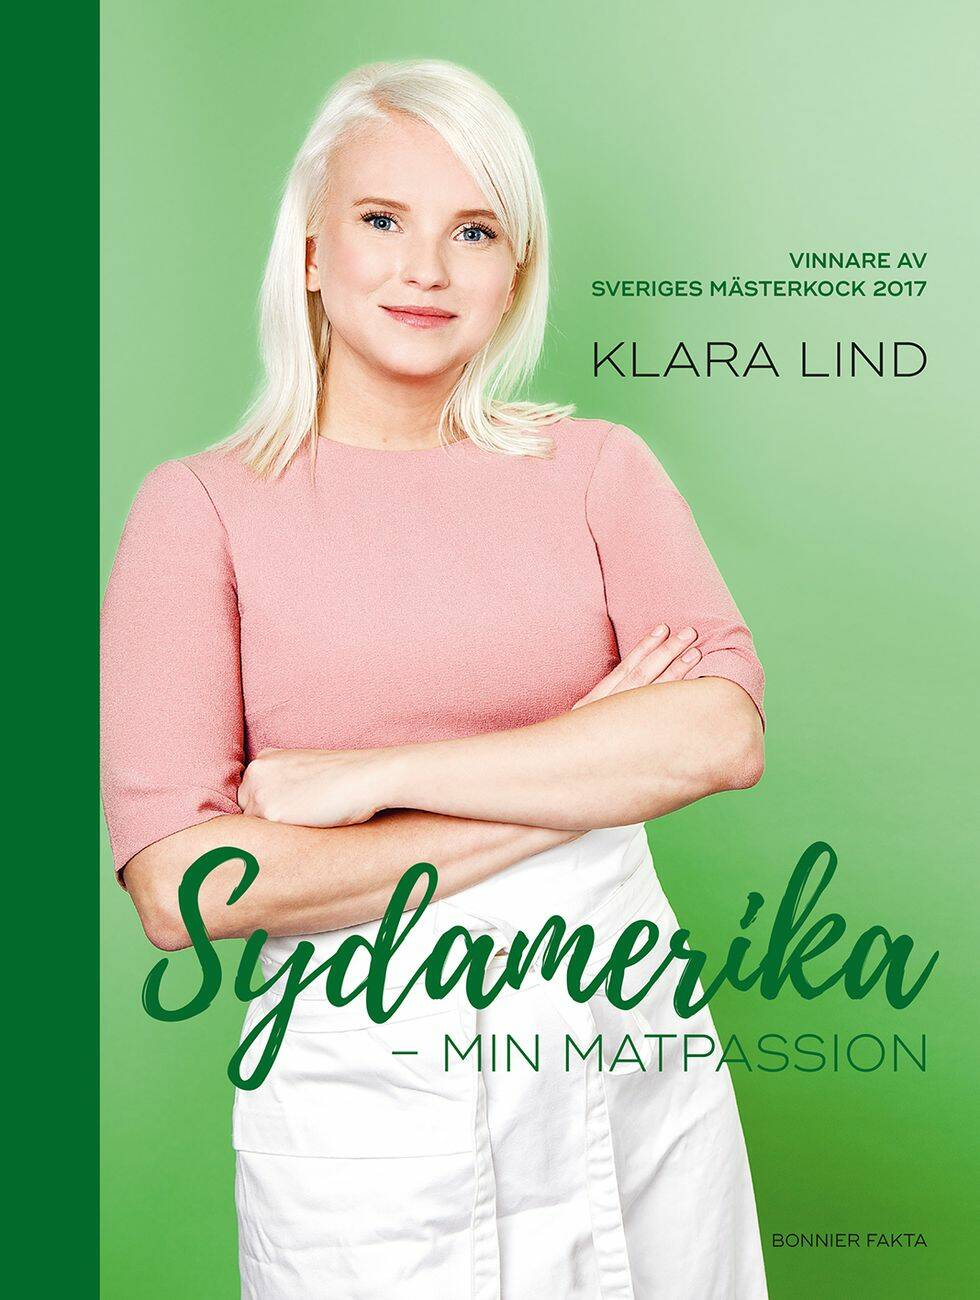 Klara är Sveriges Mästerkock 2017: